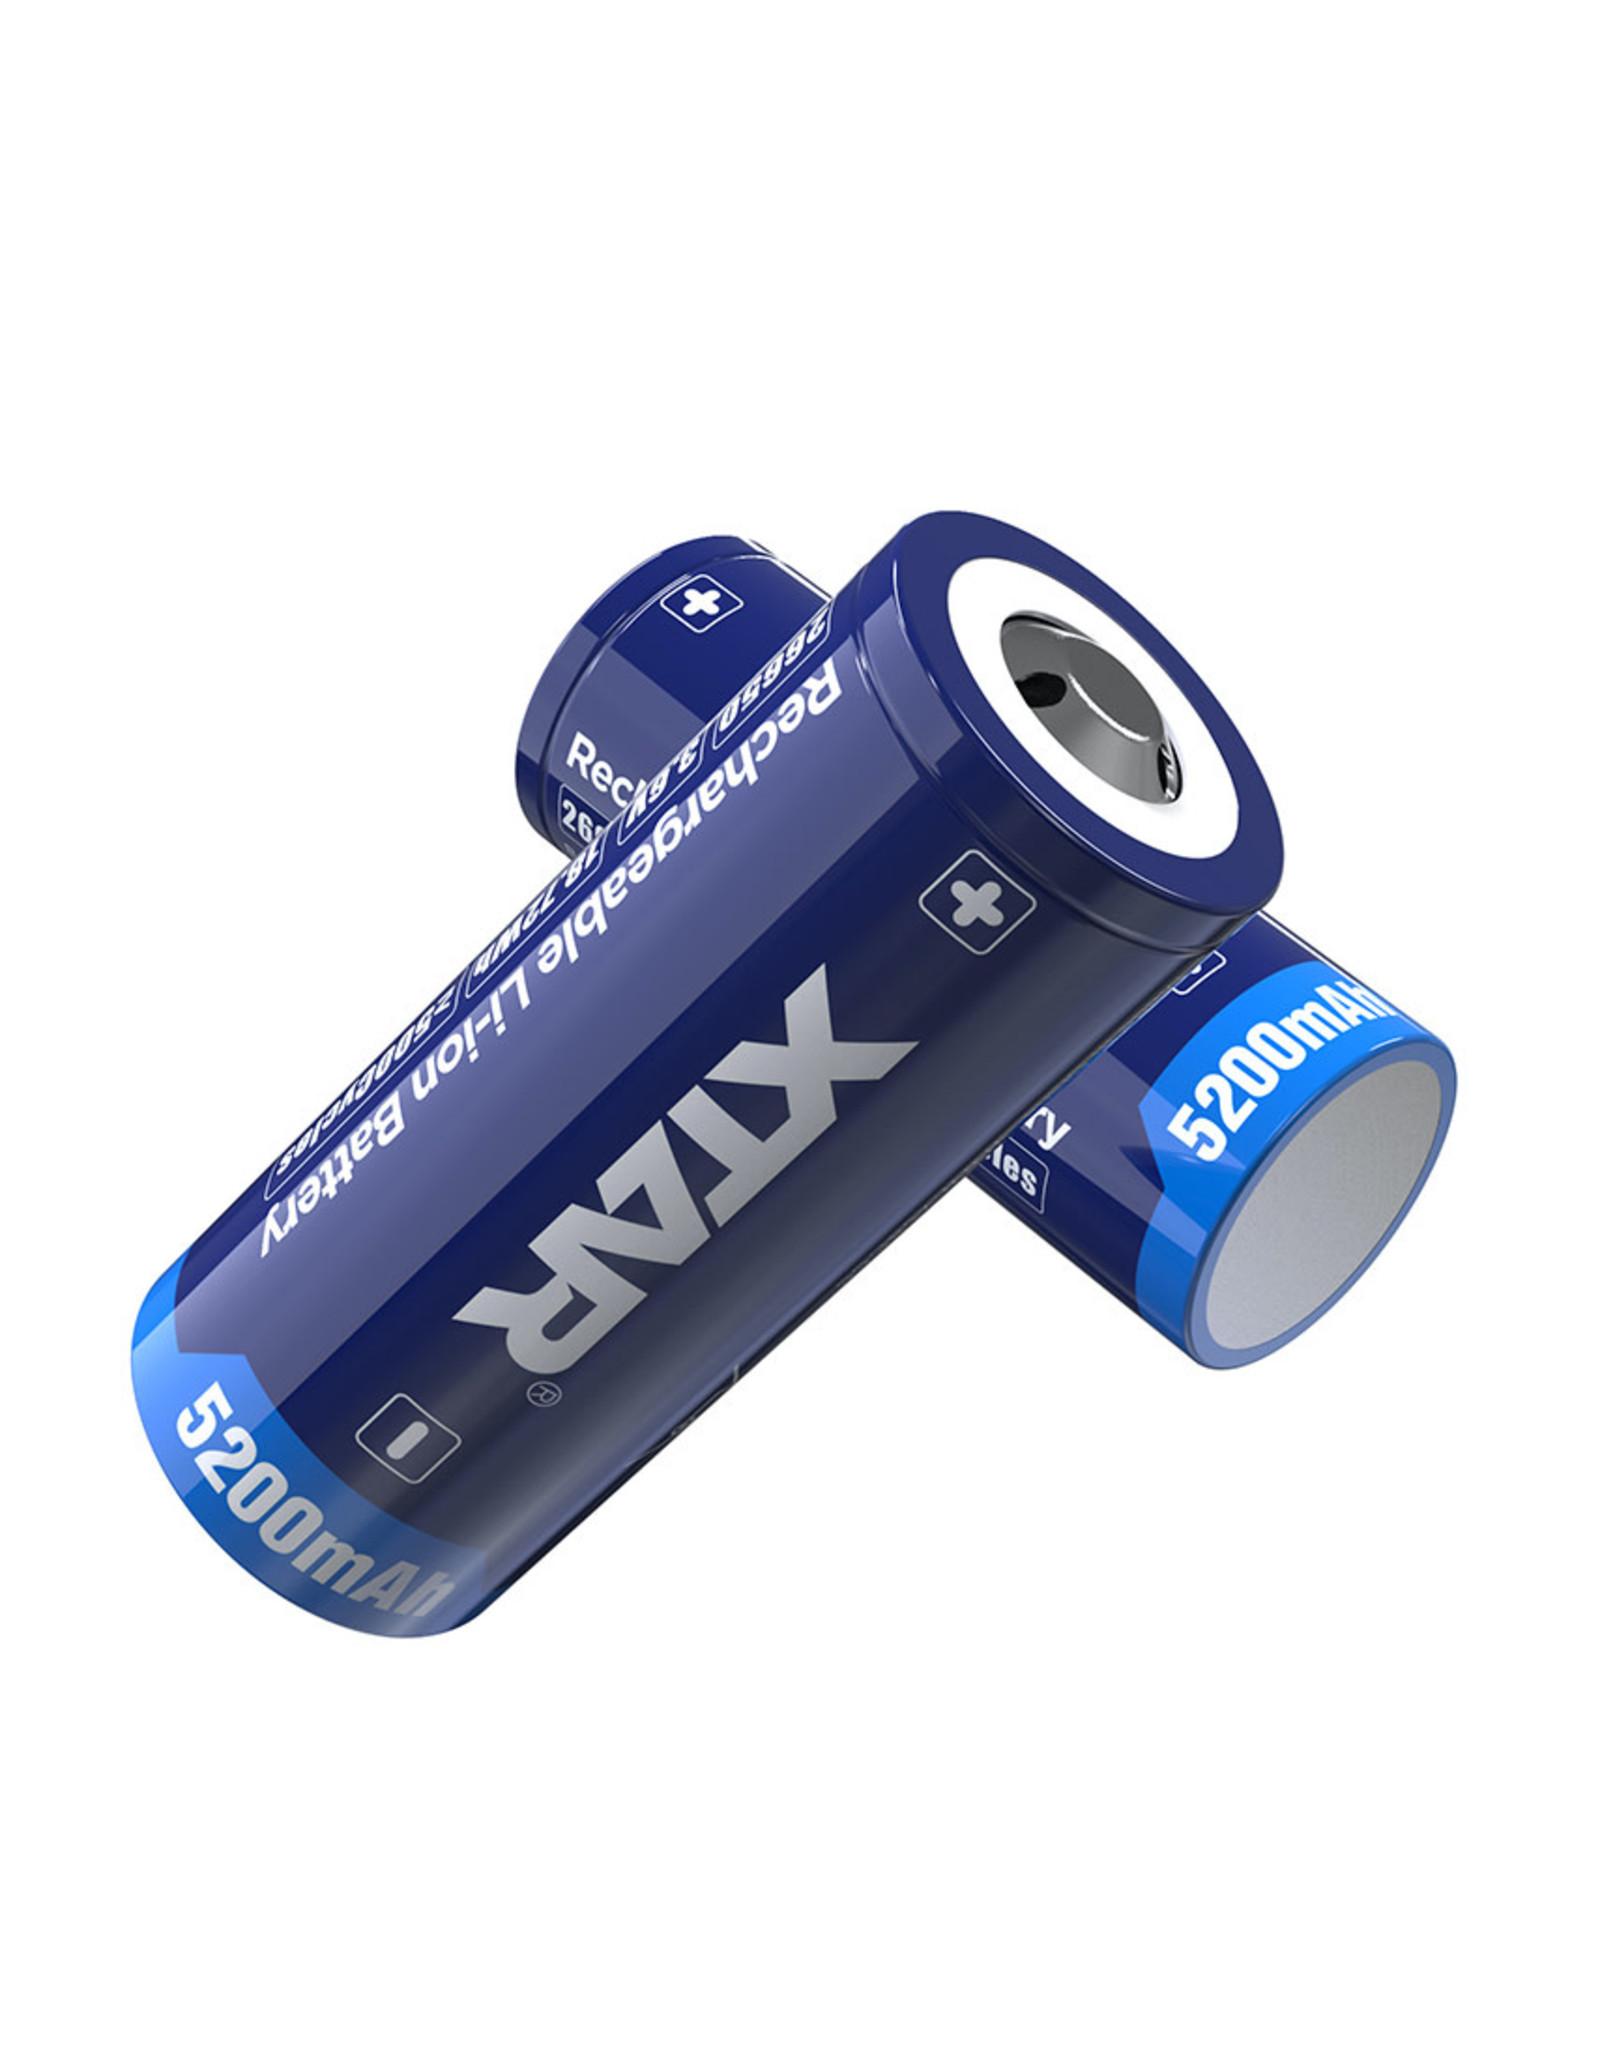 Xtar Xtar 26650 batterij 5000mAh 3.7v